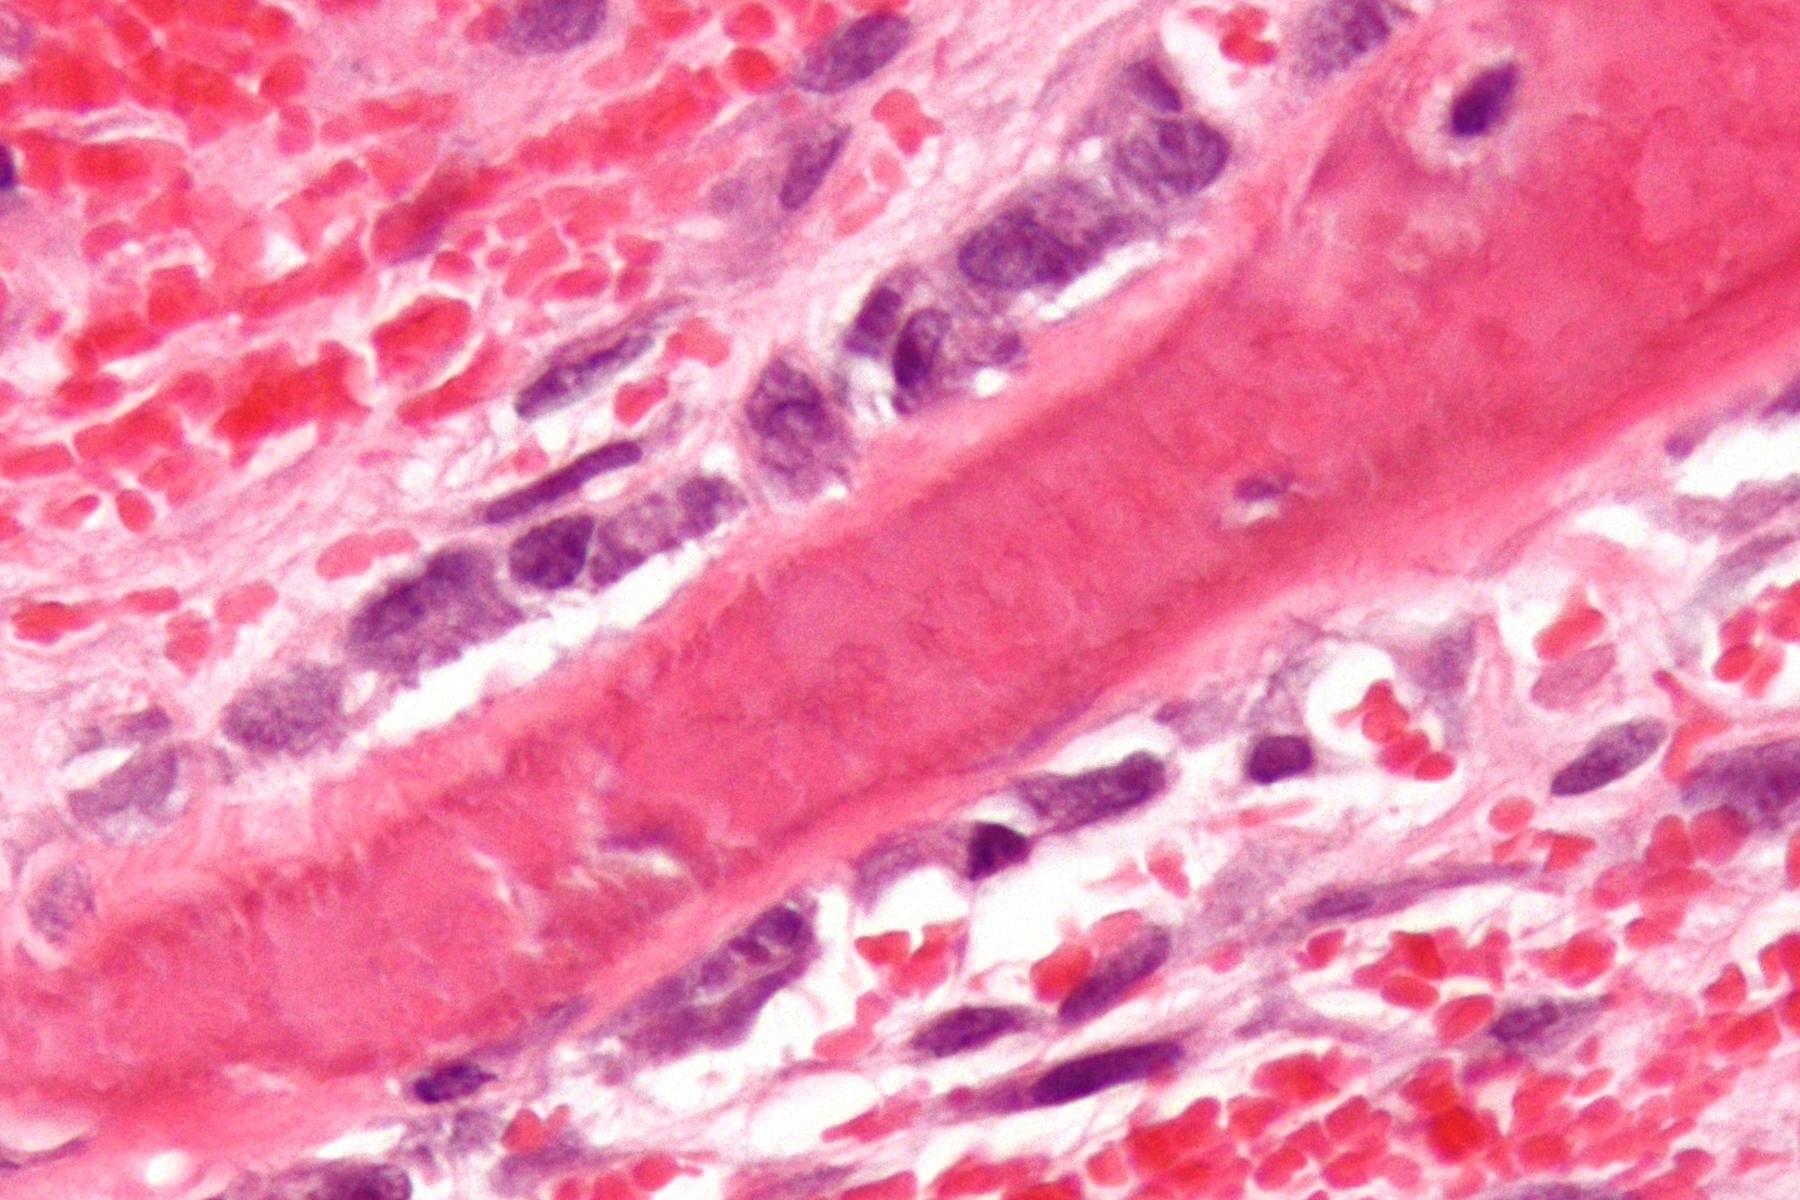 Osteoporosi. Senza cure adeguate 8 su 10. Mortalità uomini più alta